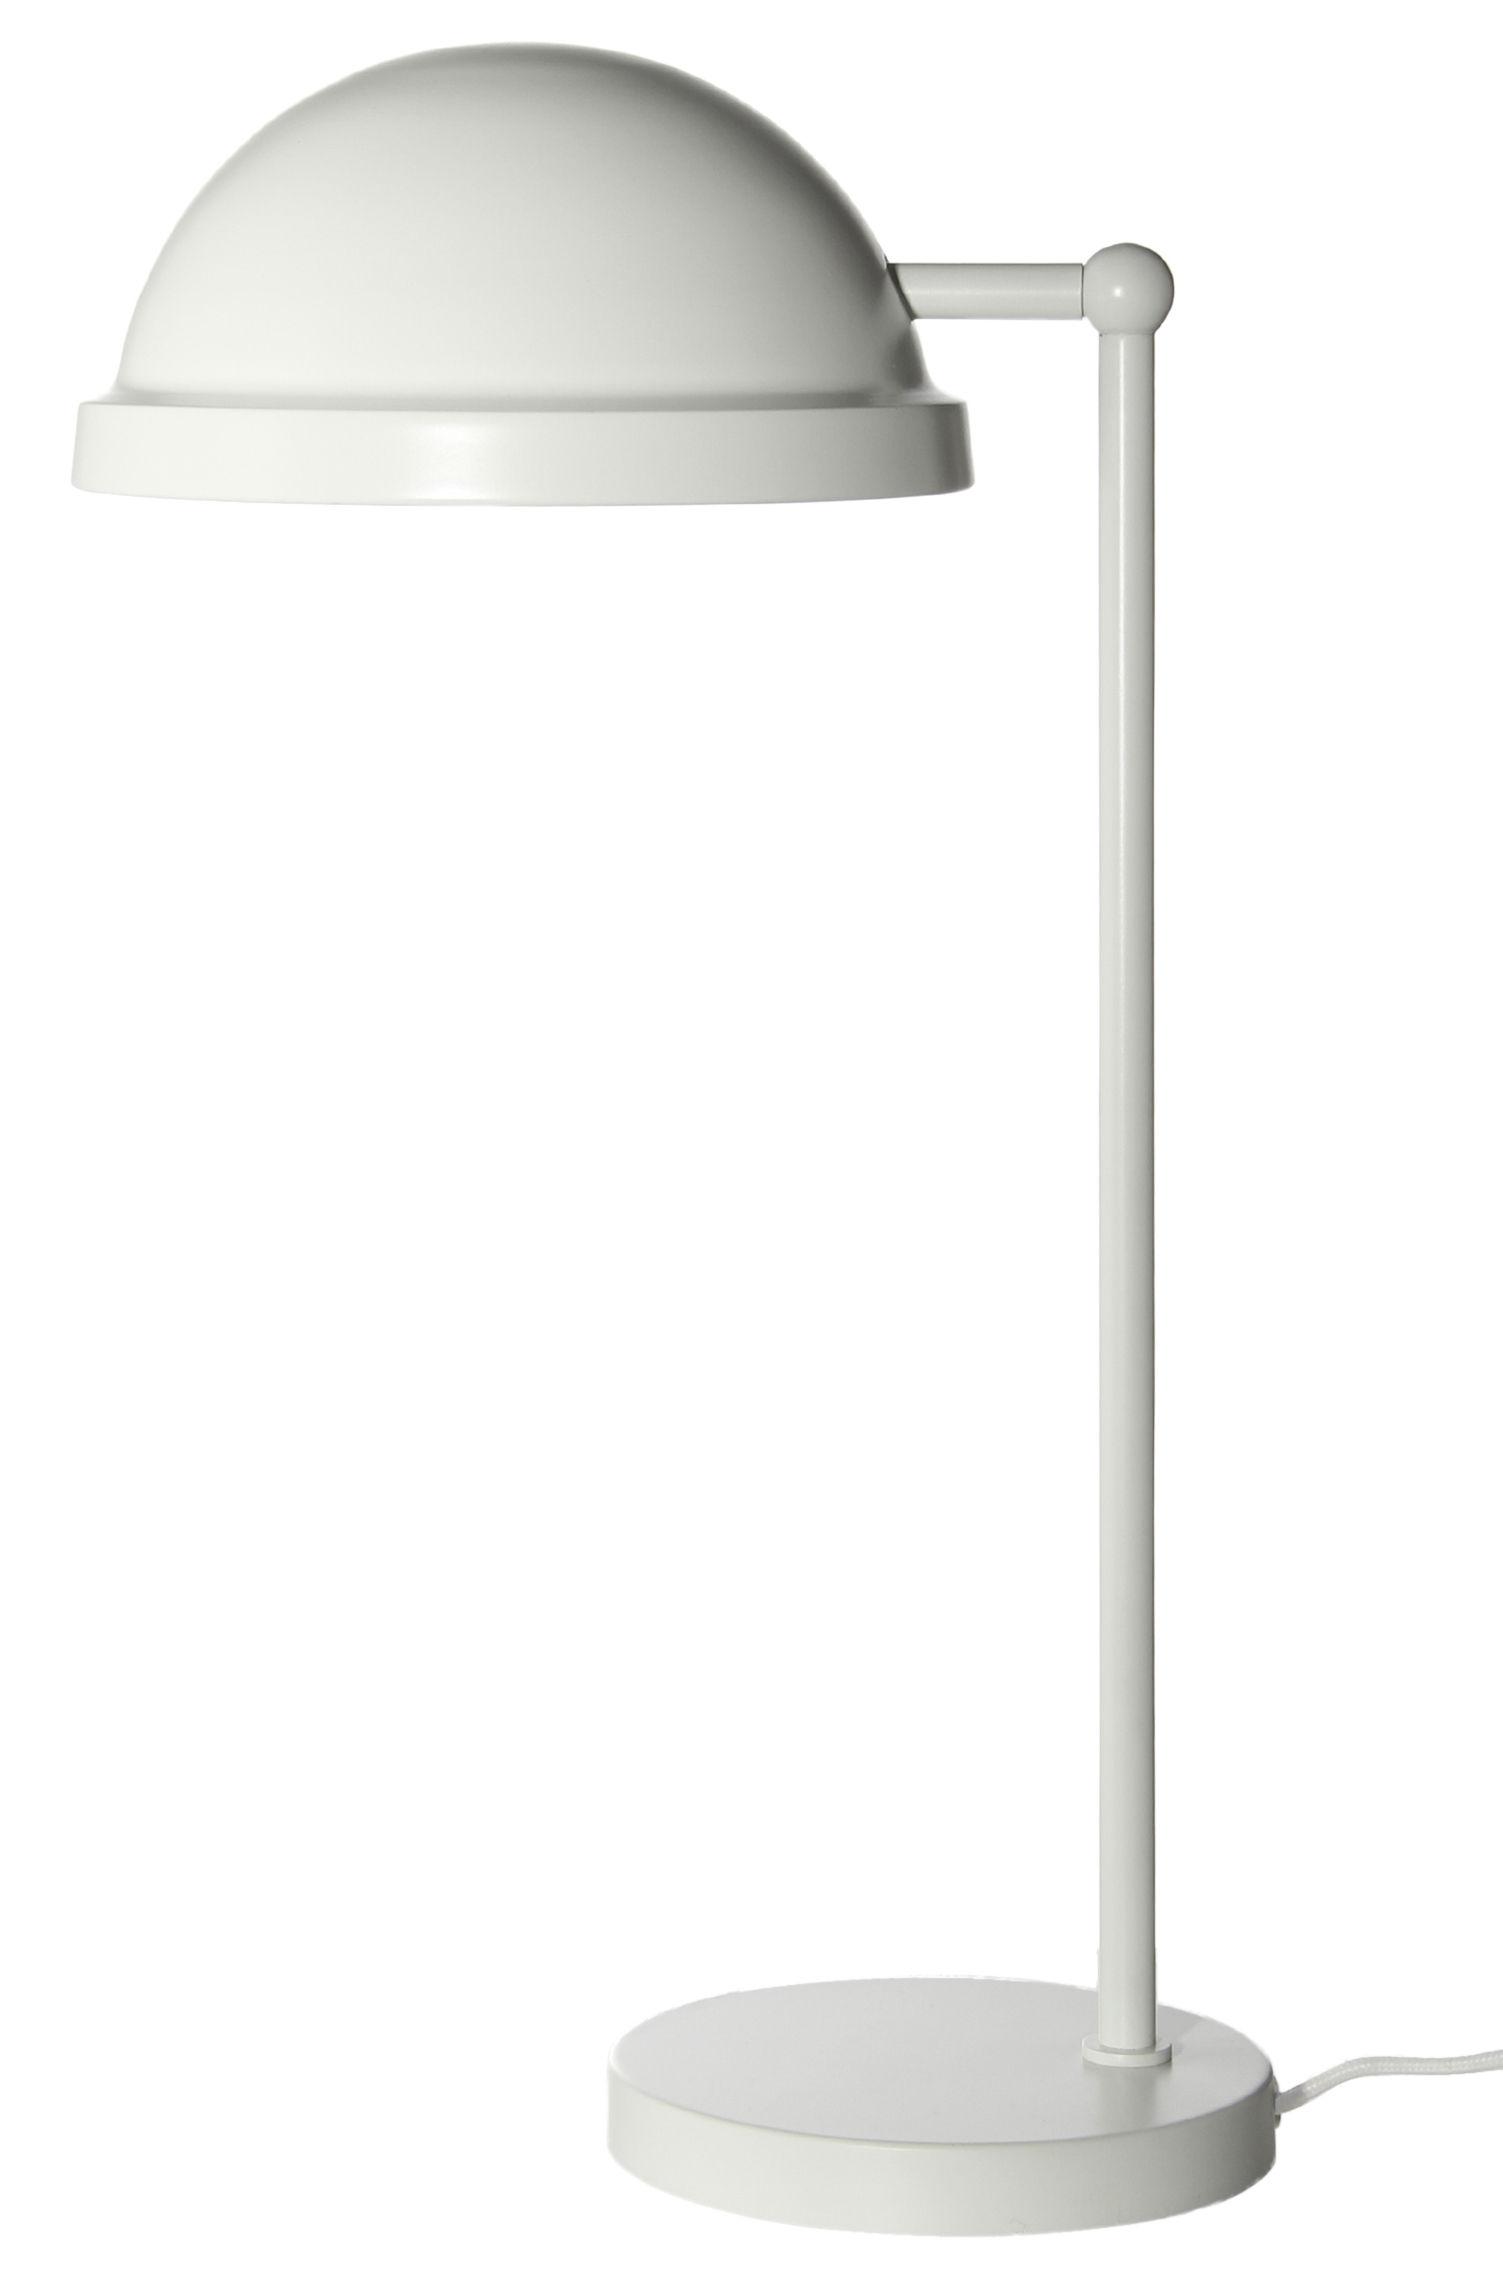 Luminaire - Lampes de table - Lampe de table Bowler / H 43 cm - Frandsen - Blanc mat - Métal peint